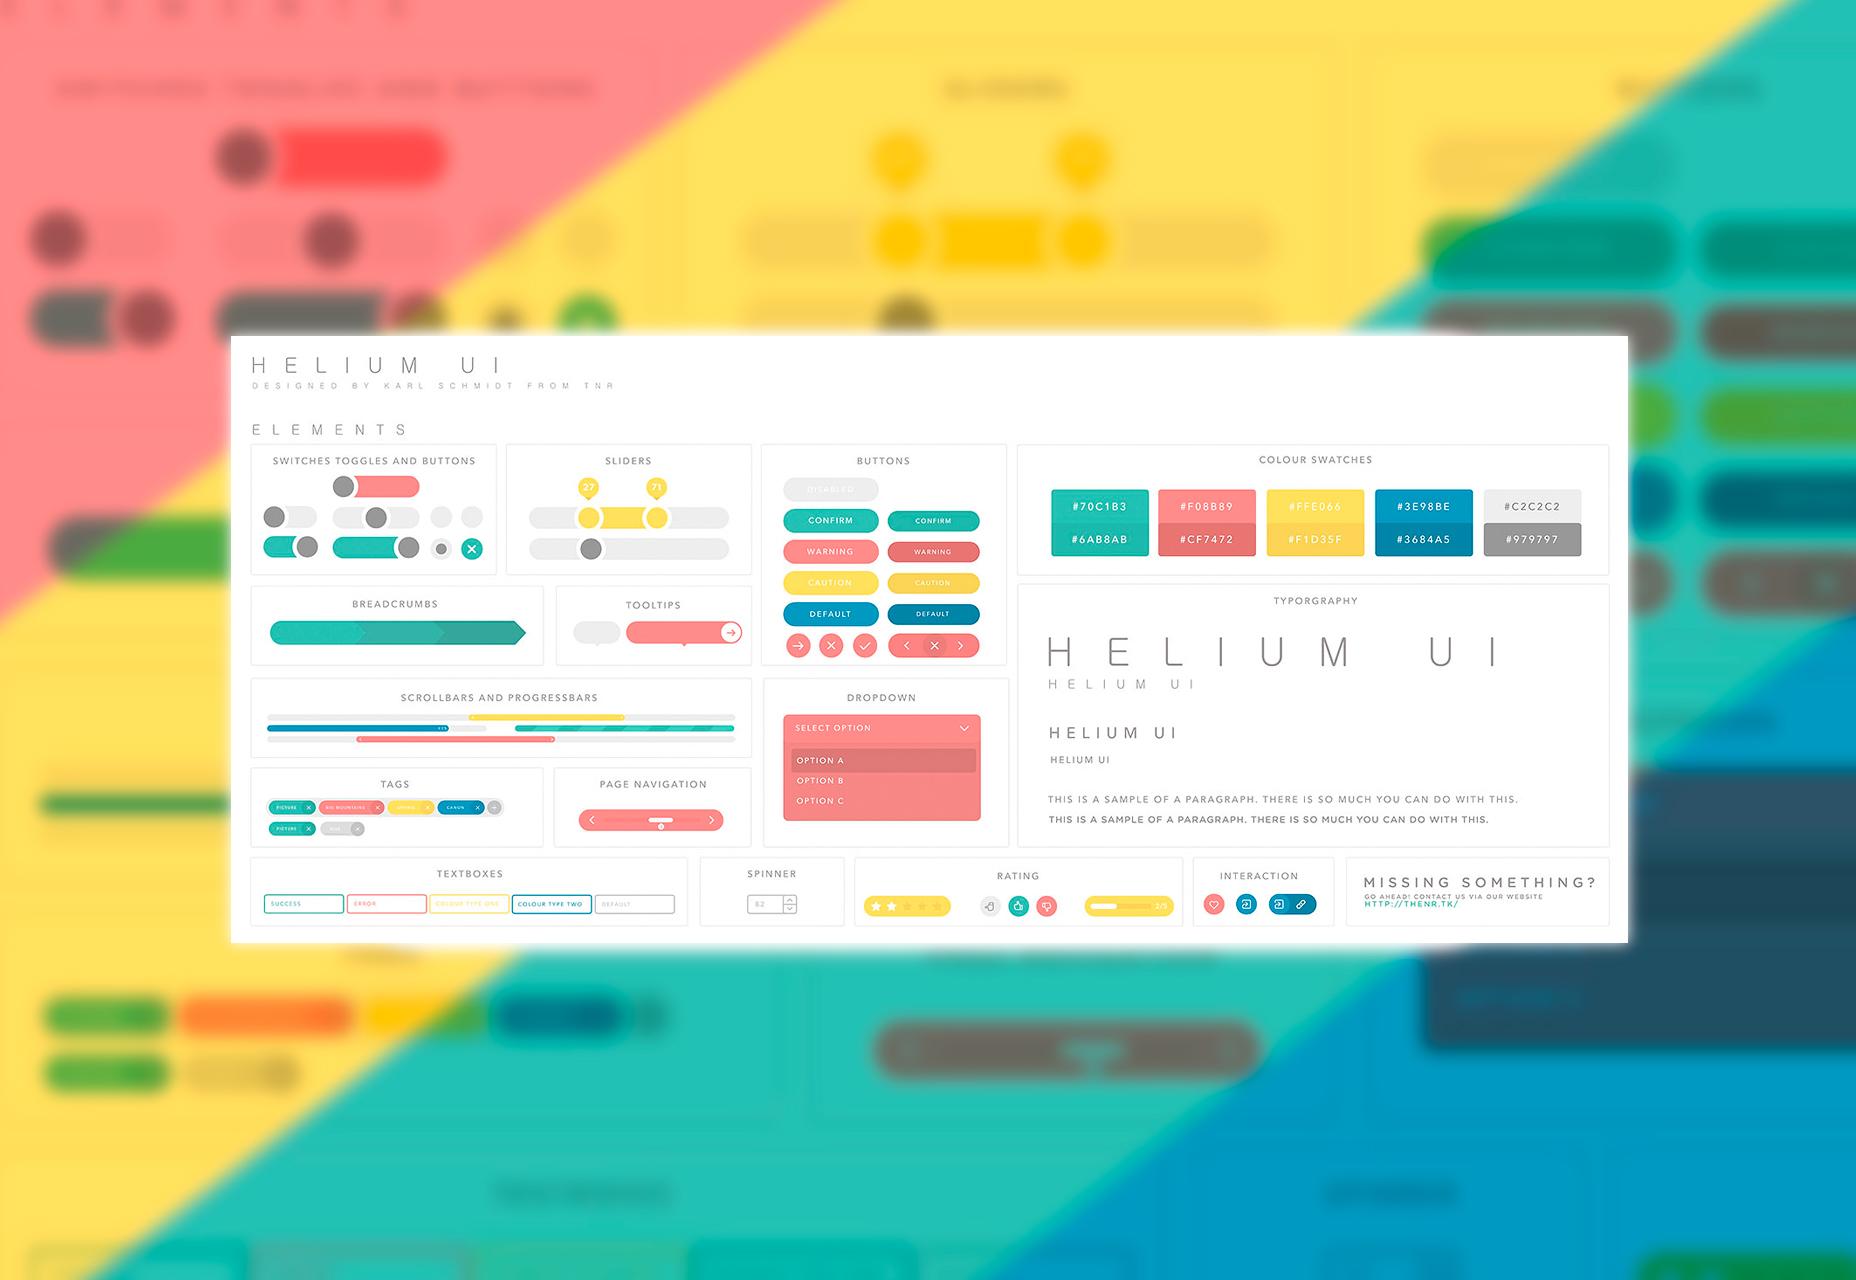 UI de helio: Kit de UI de dibujo colorido